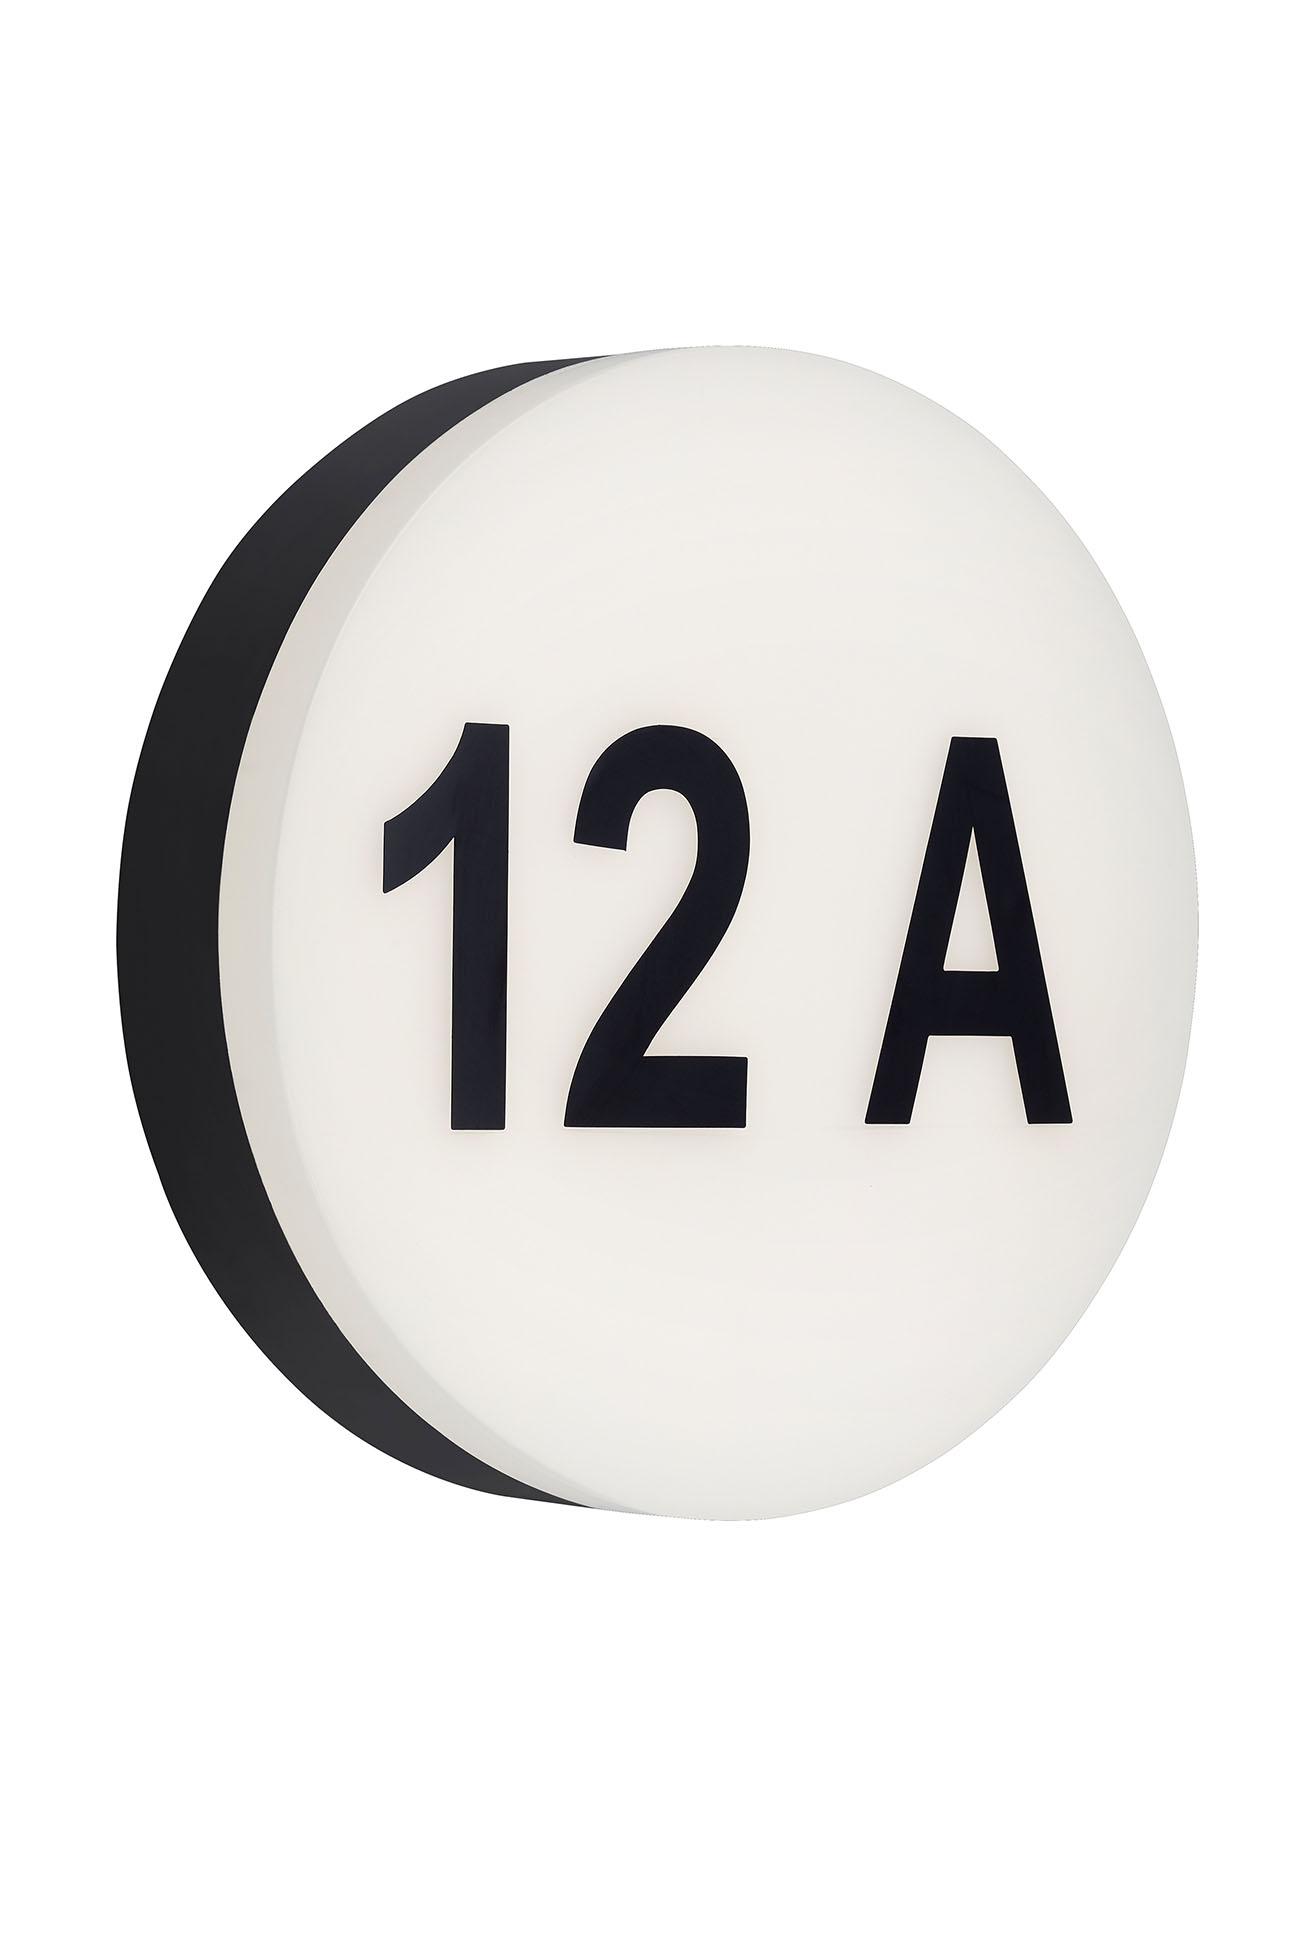 Hausnummern LED Aussenleuchte, Ø 22 cm, 12 W, Schwarz-Weiss